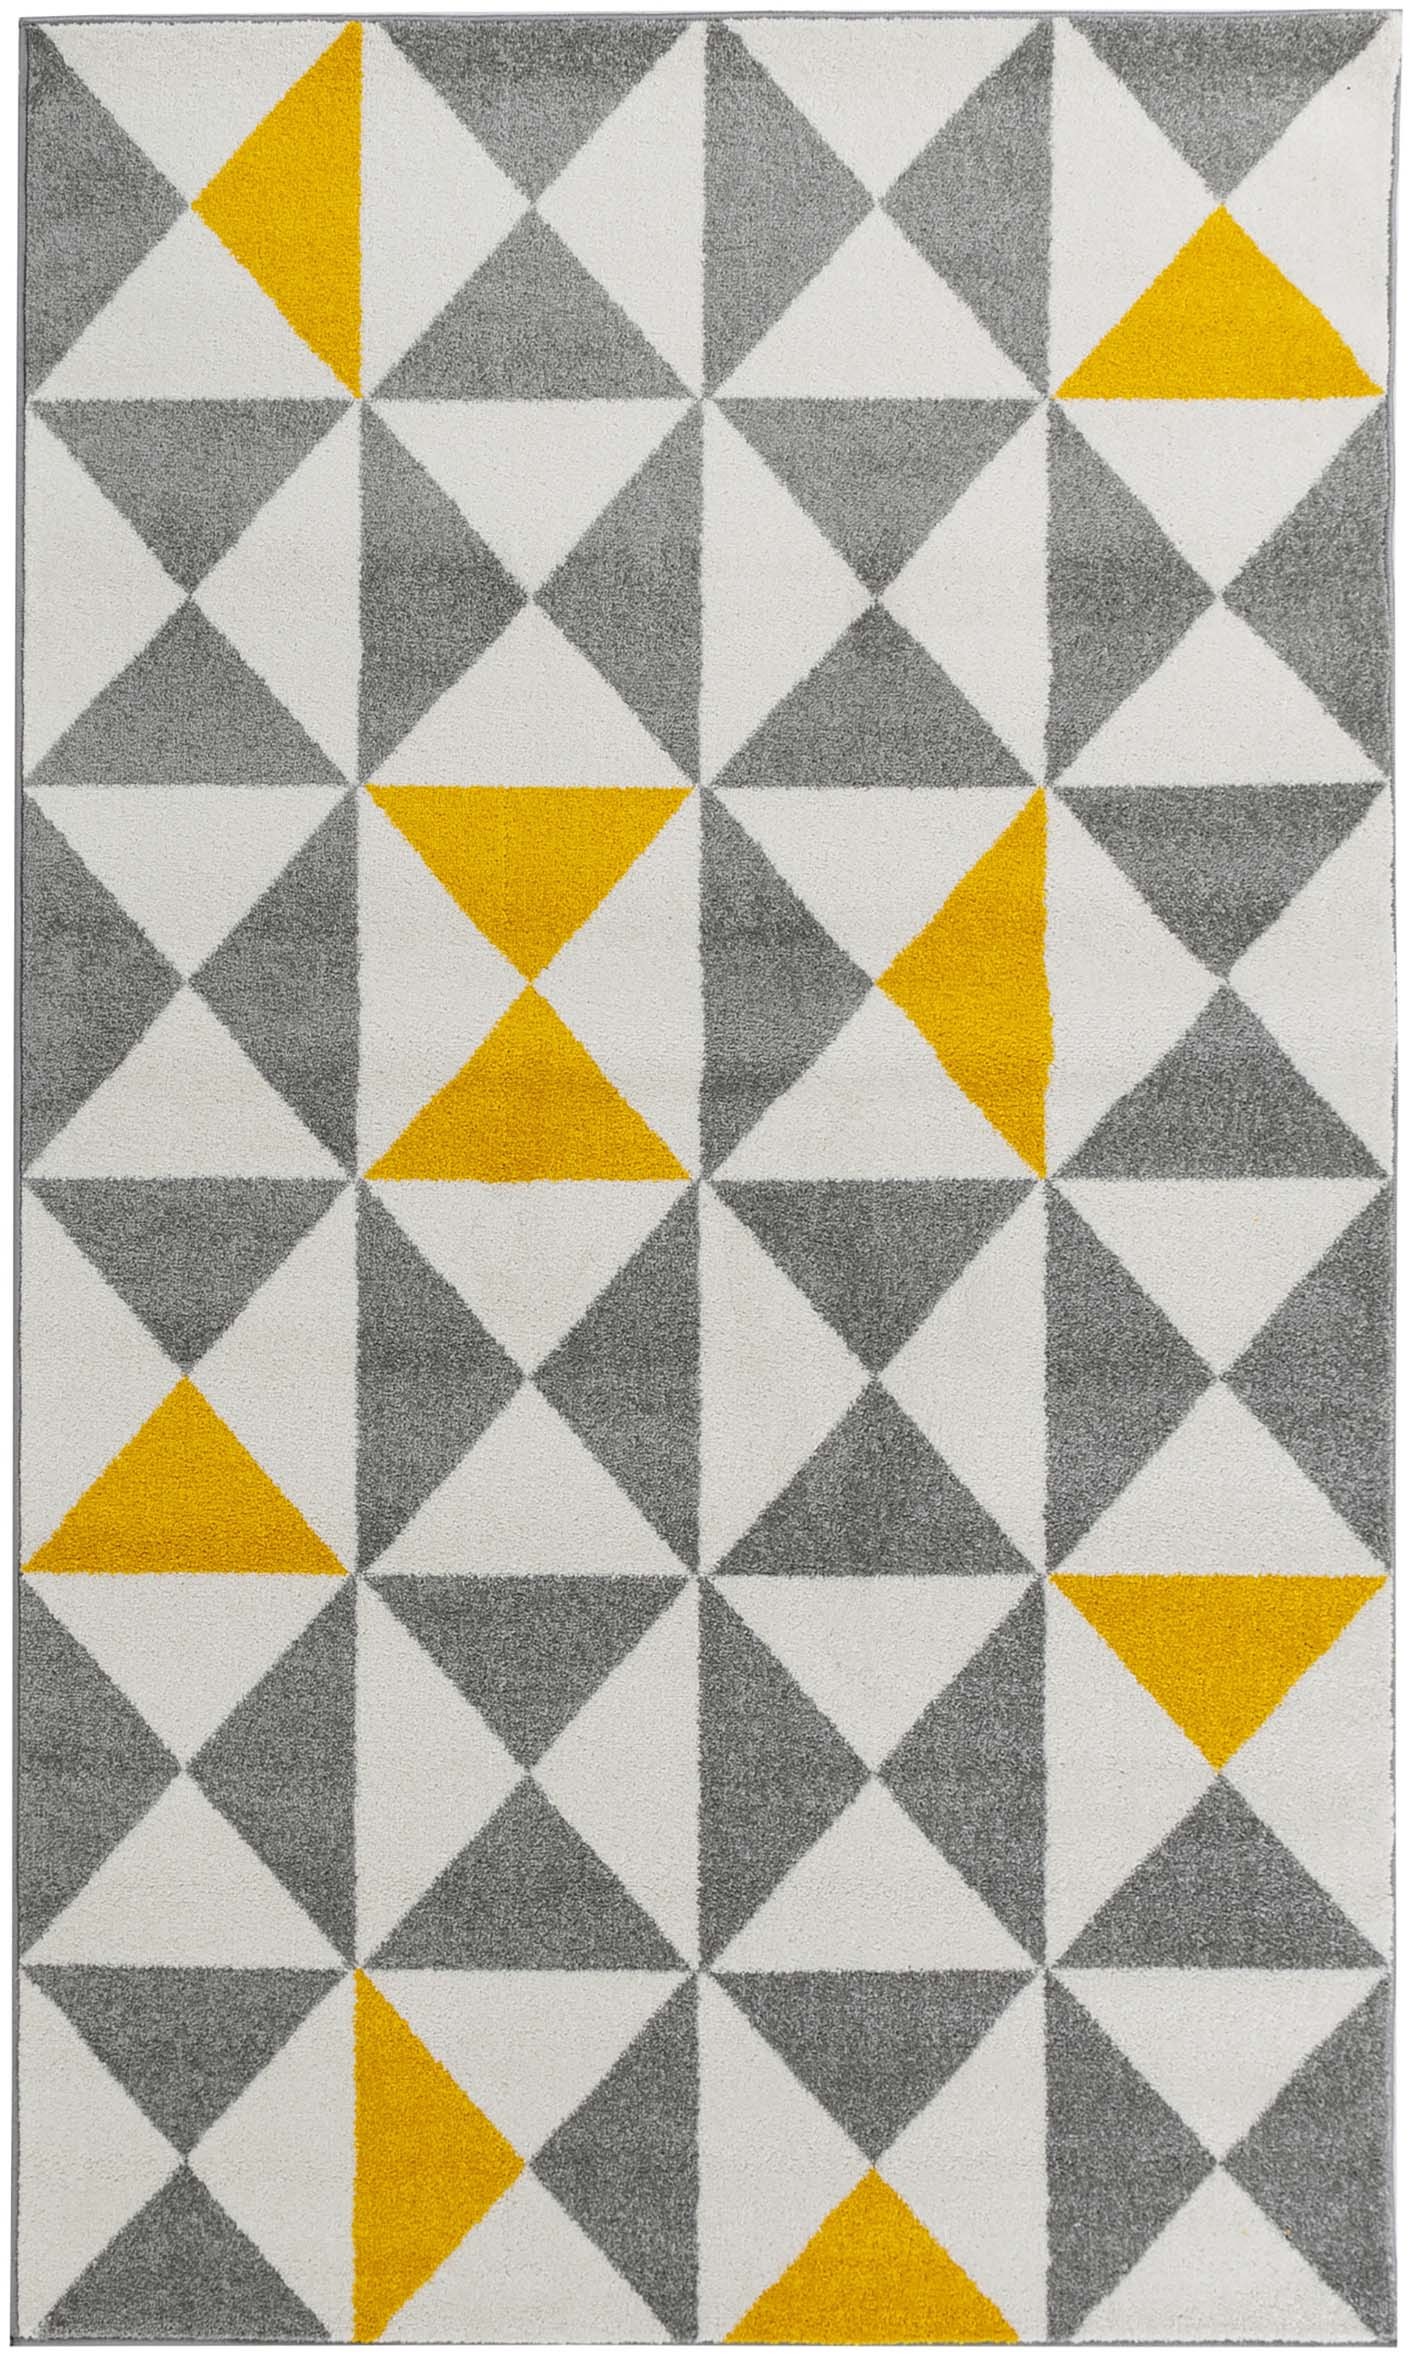 FORSA - Tapis géométrique jaune 200x280cm